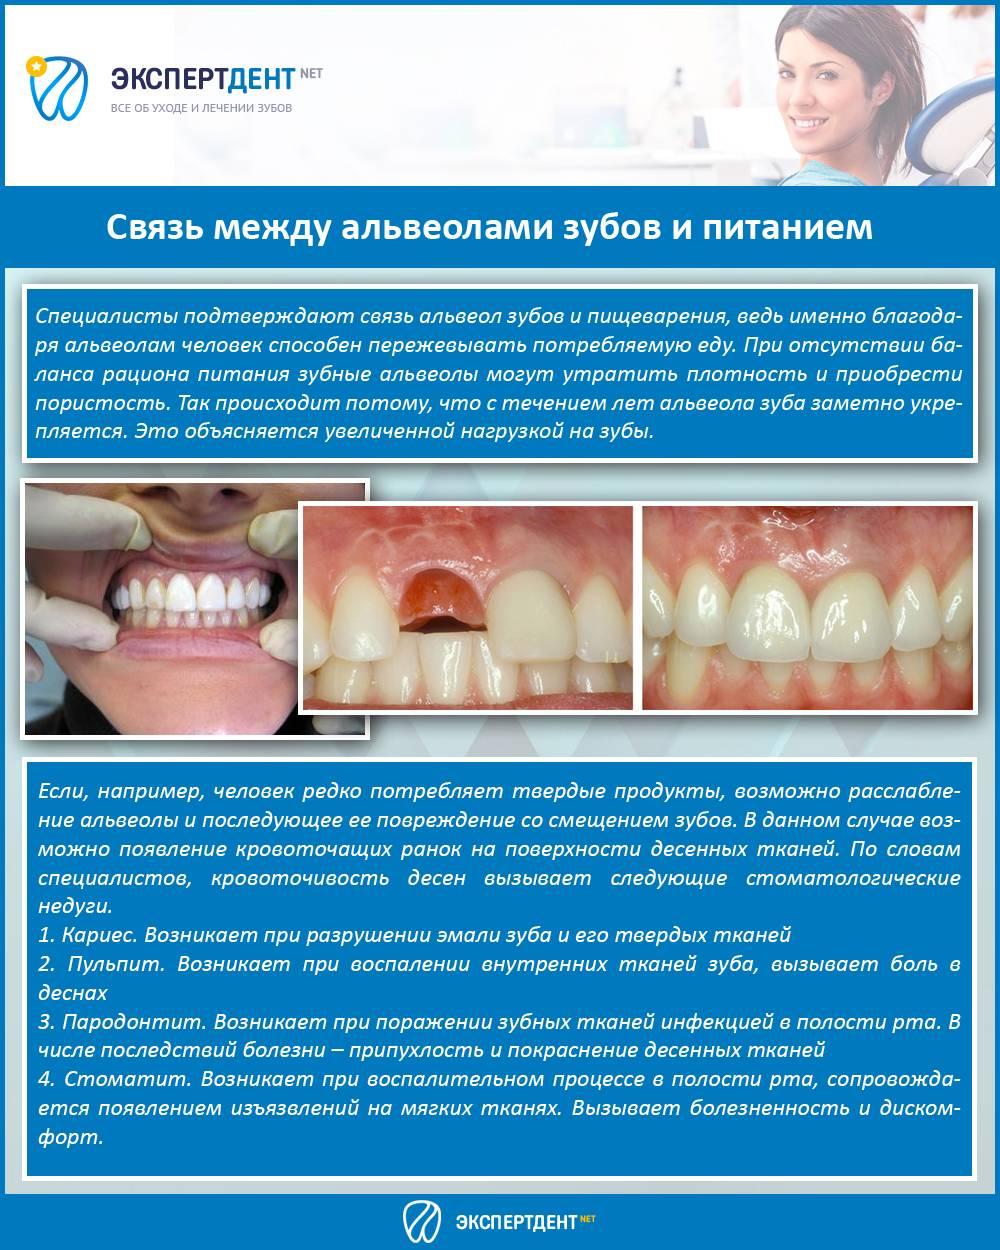 Что такое альвеолы во рту, их влияние на зубной ряд. что такое альвеолы во рту функции альвеолярных ячеек